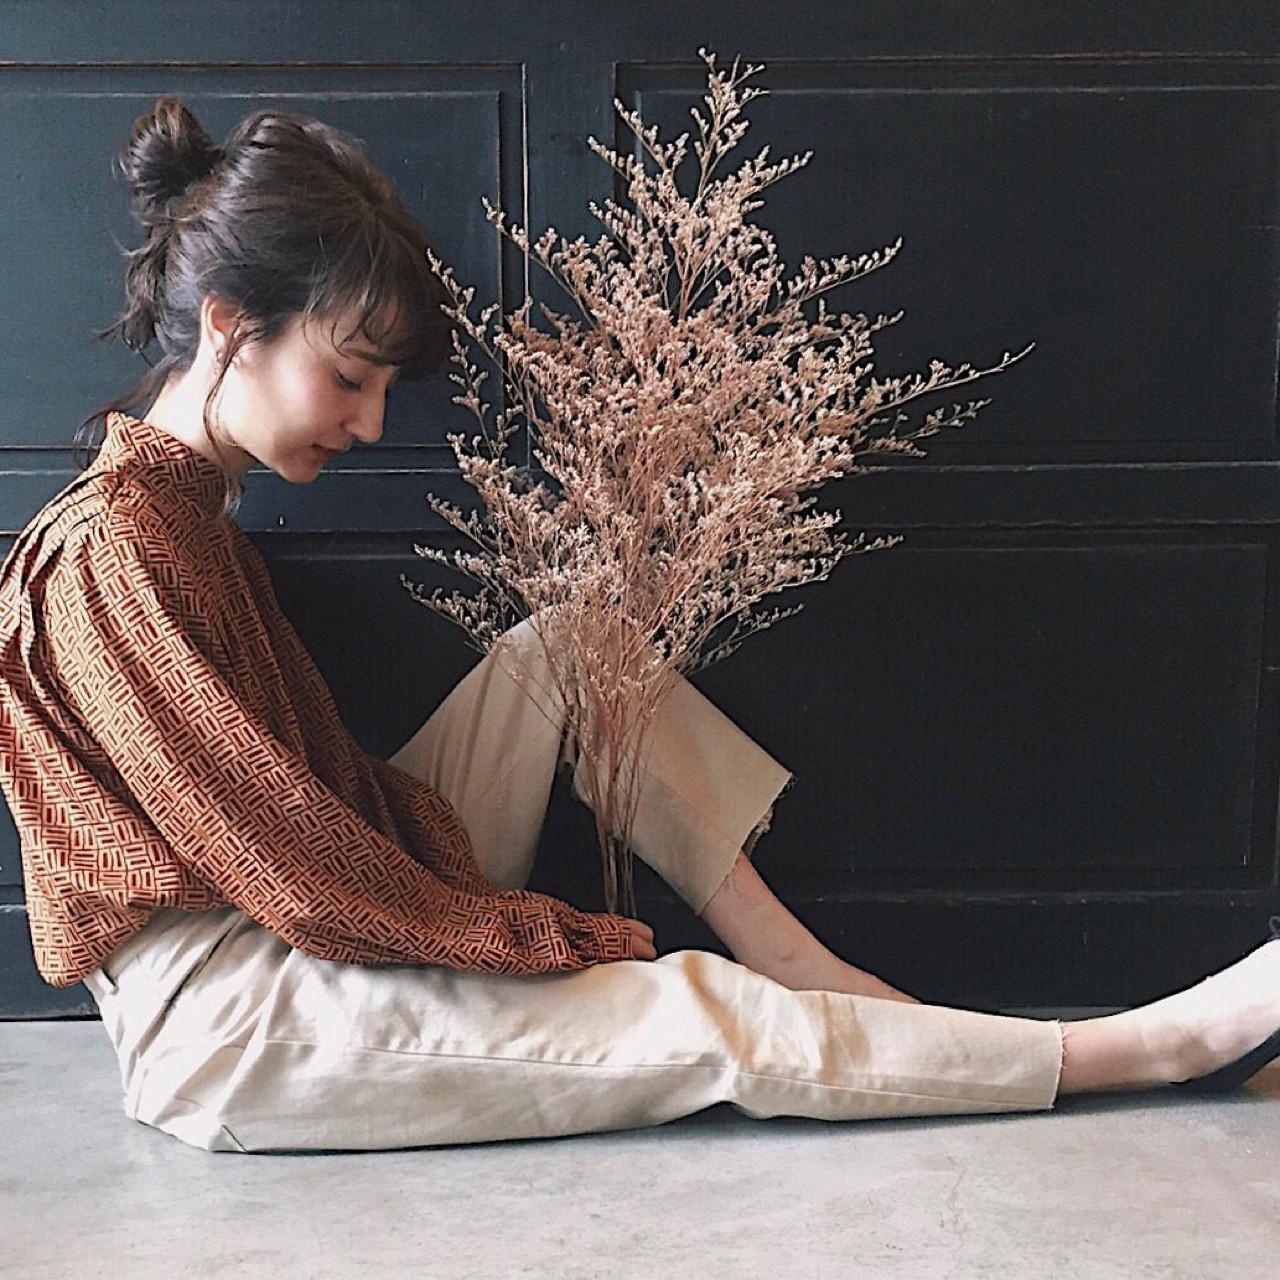 ウェーブ ナチュラル ゆるふわ ミディアム ヘアスタイルや髪型の写真・画像 | 冨永 真太郎 / 人トナリ